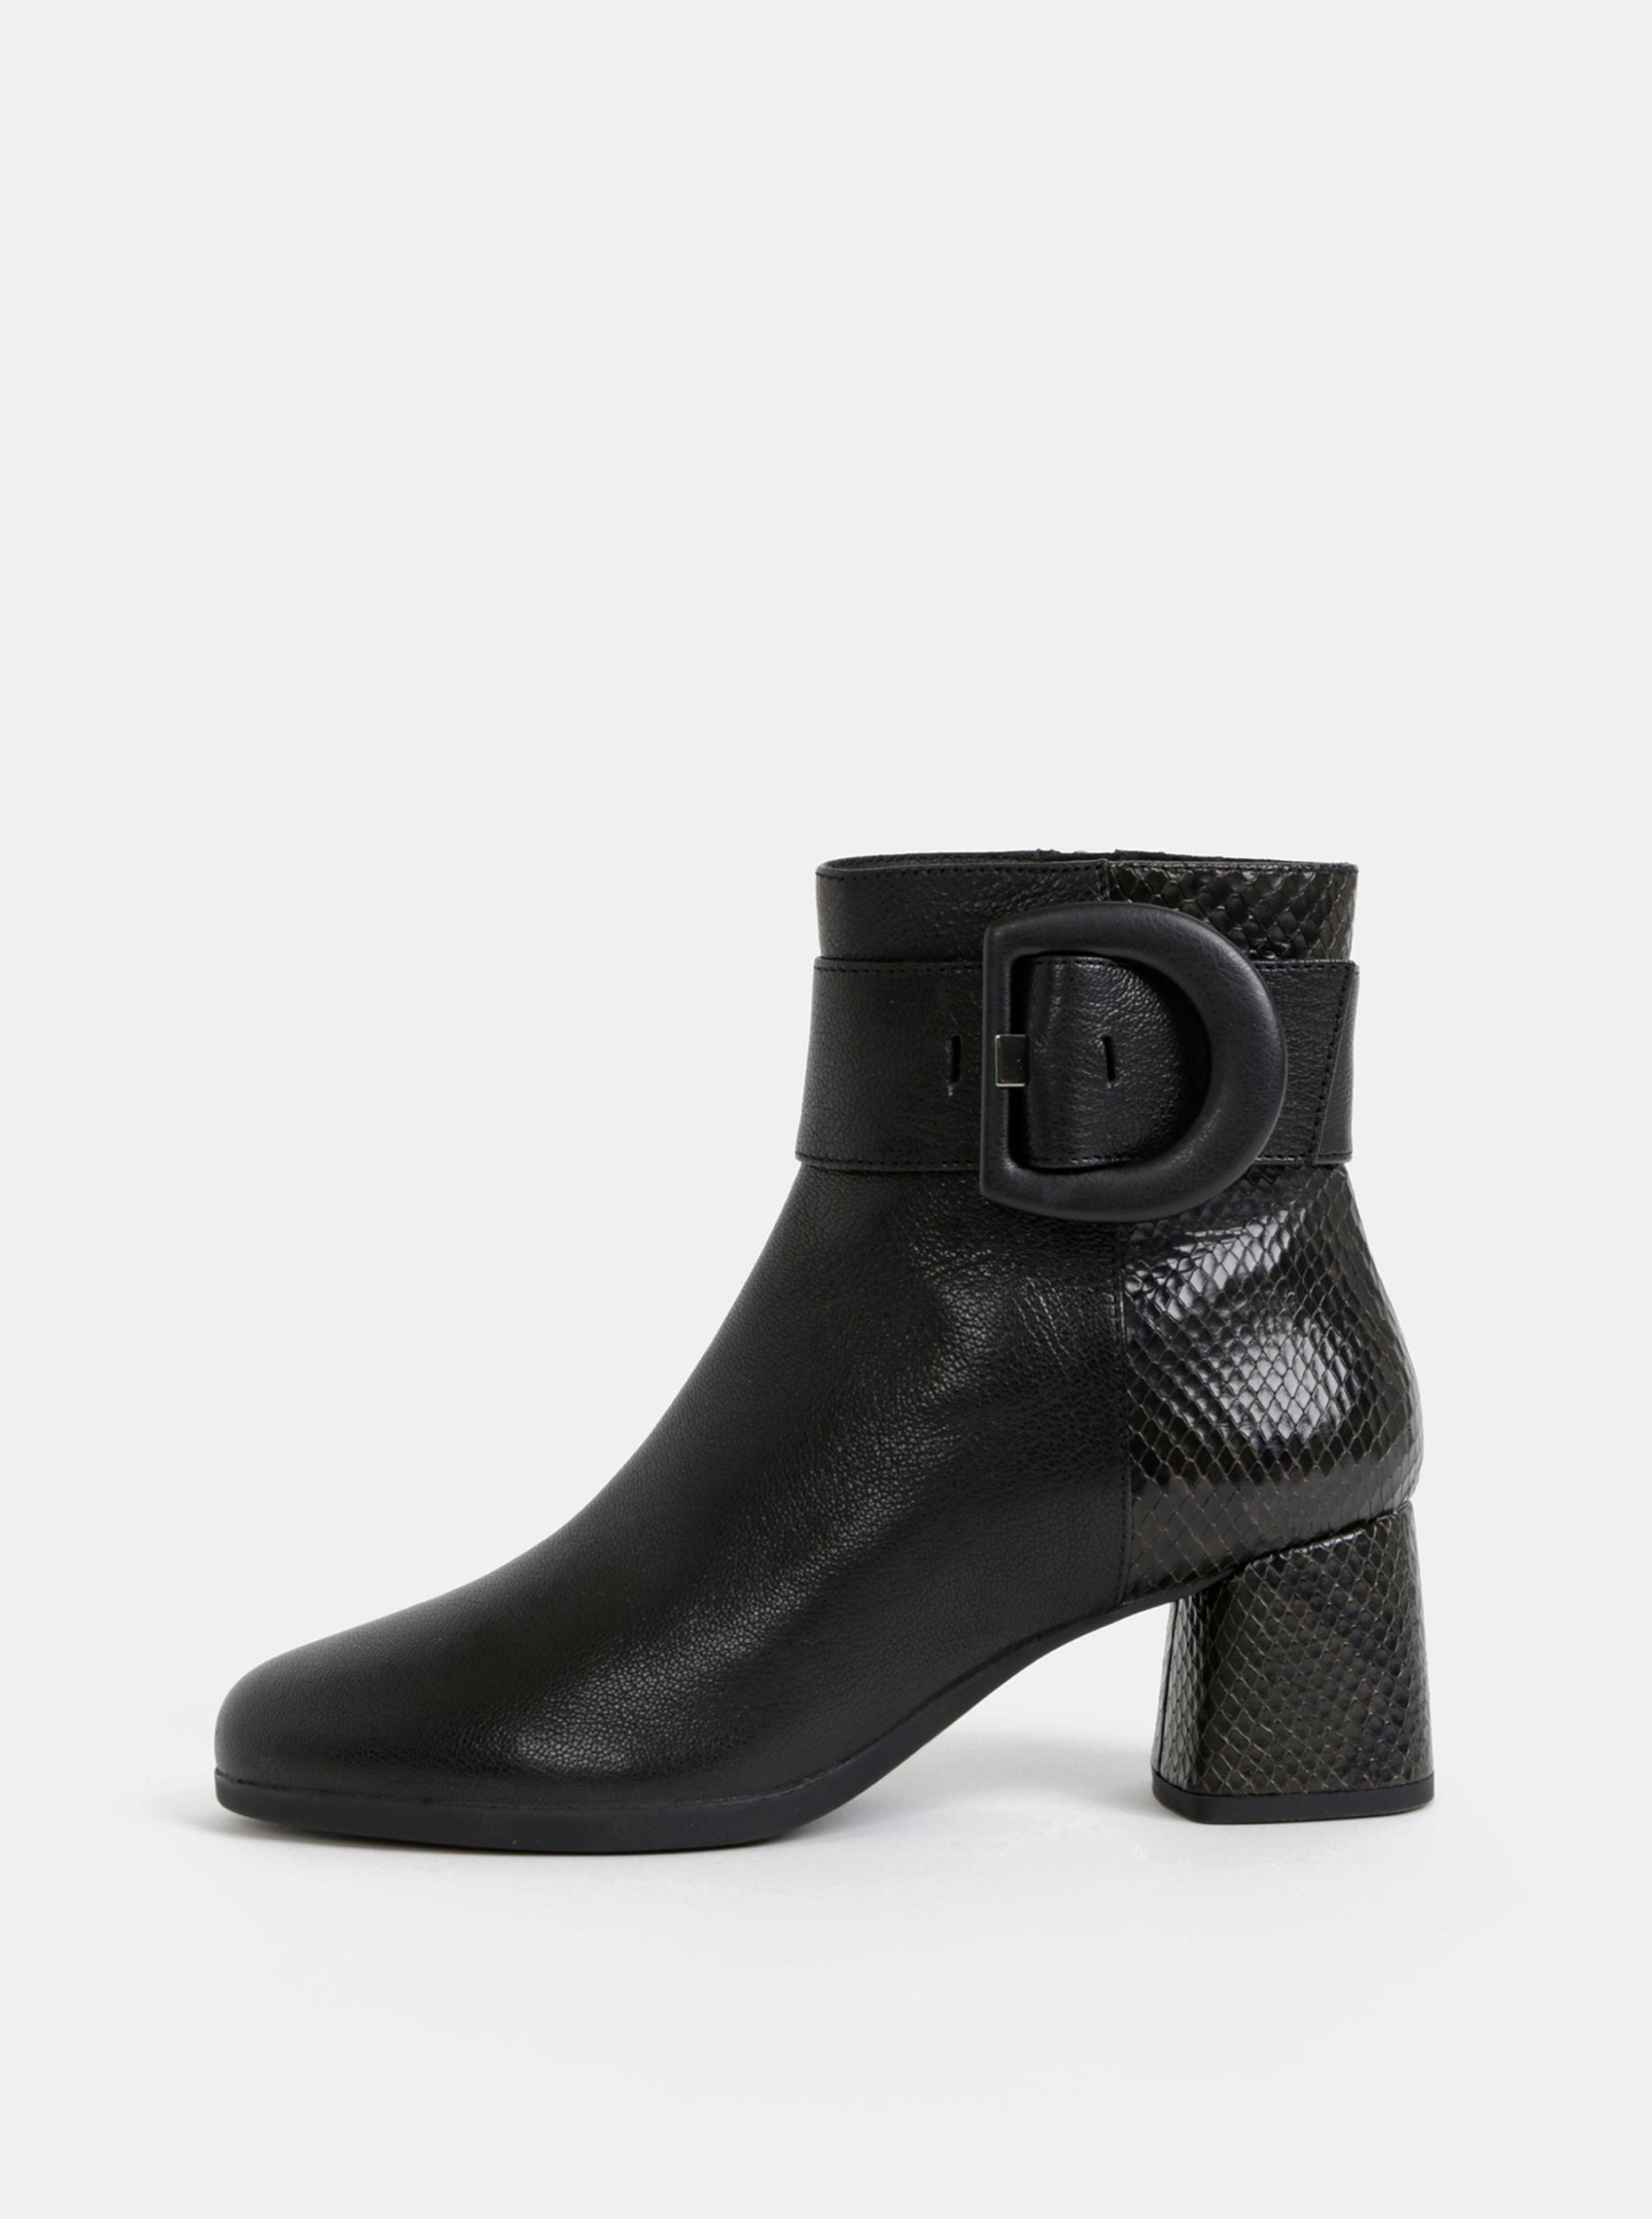 Geox černé kotníkové boty na podpatku s hadím vzorem Calinda